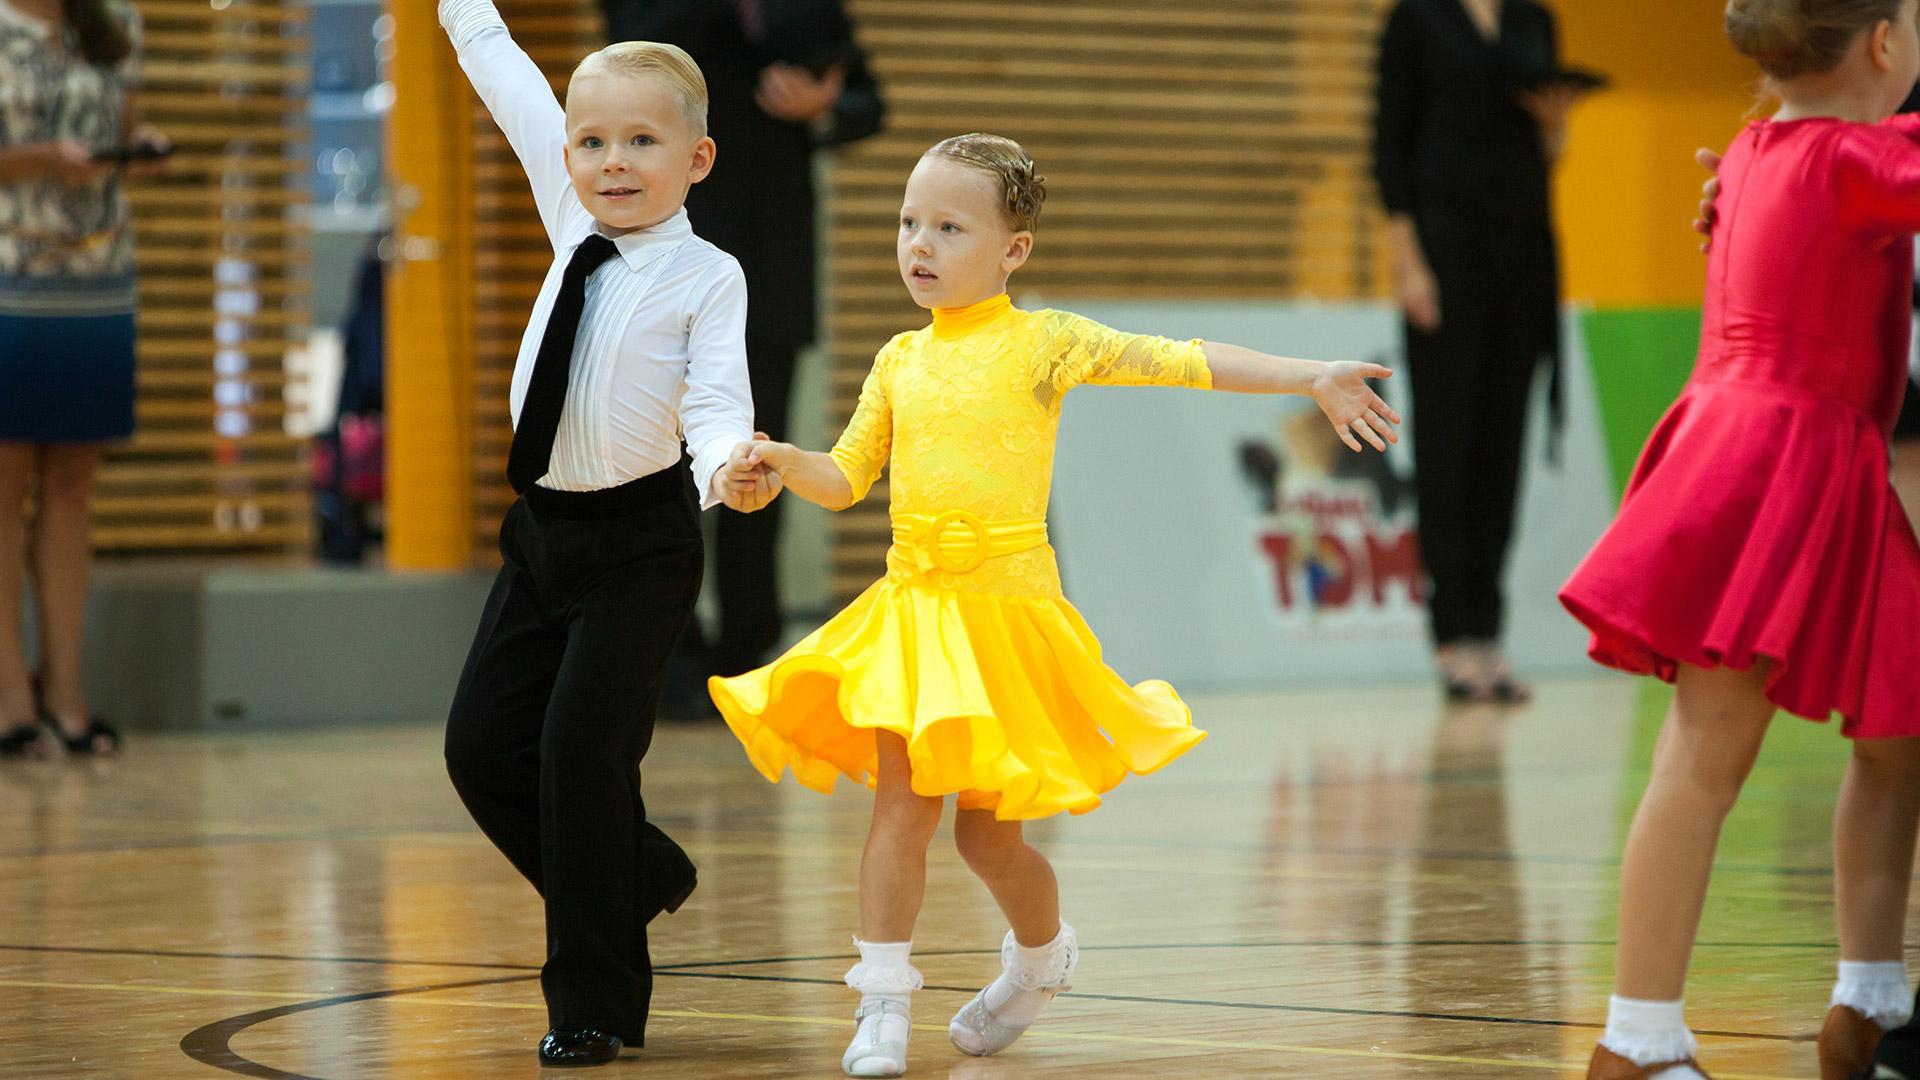 Platie_dlia_bal'nyx_tancev (54)